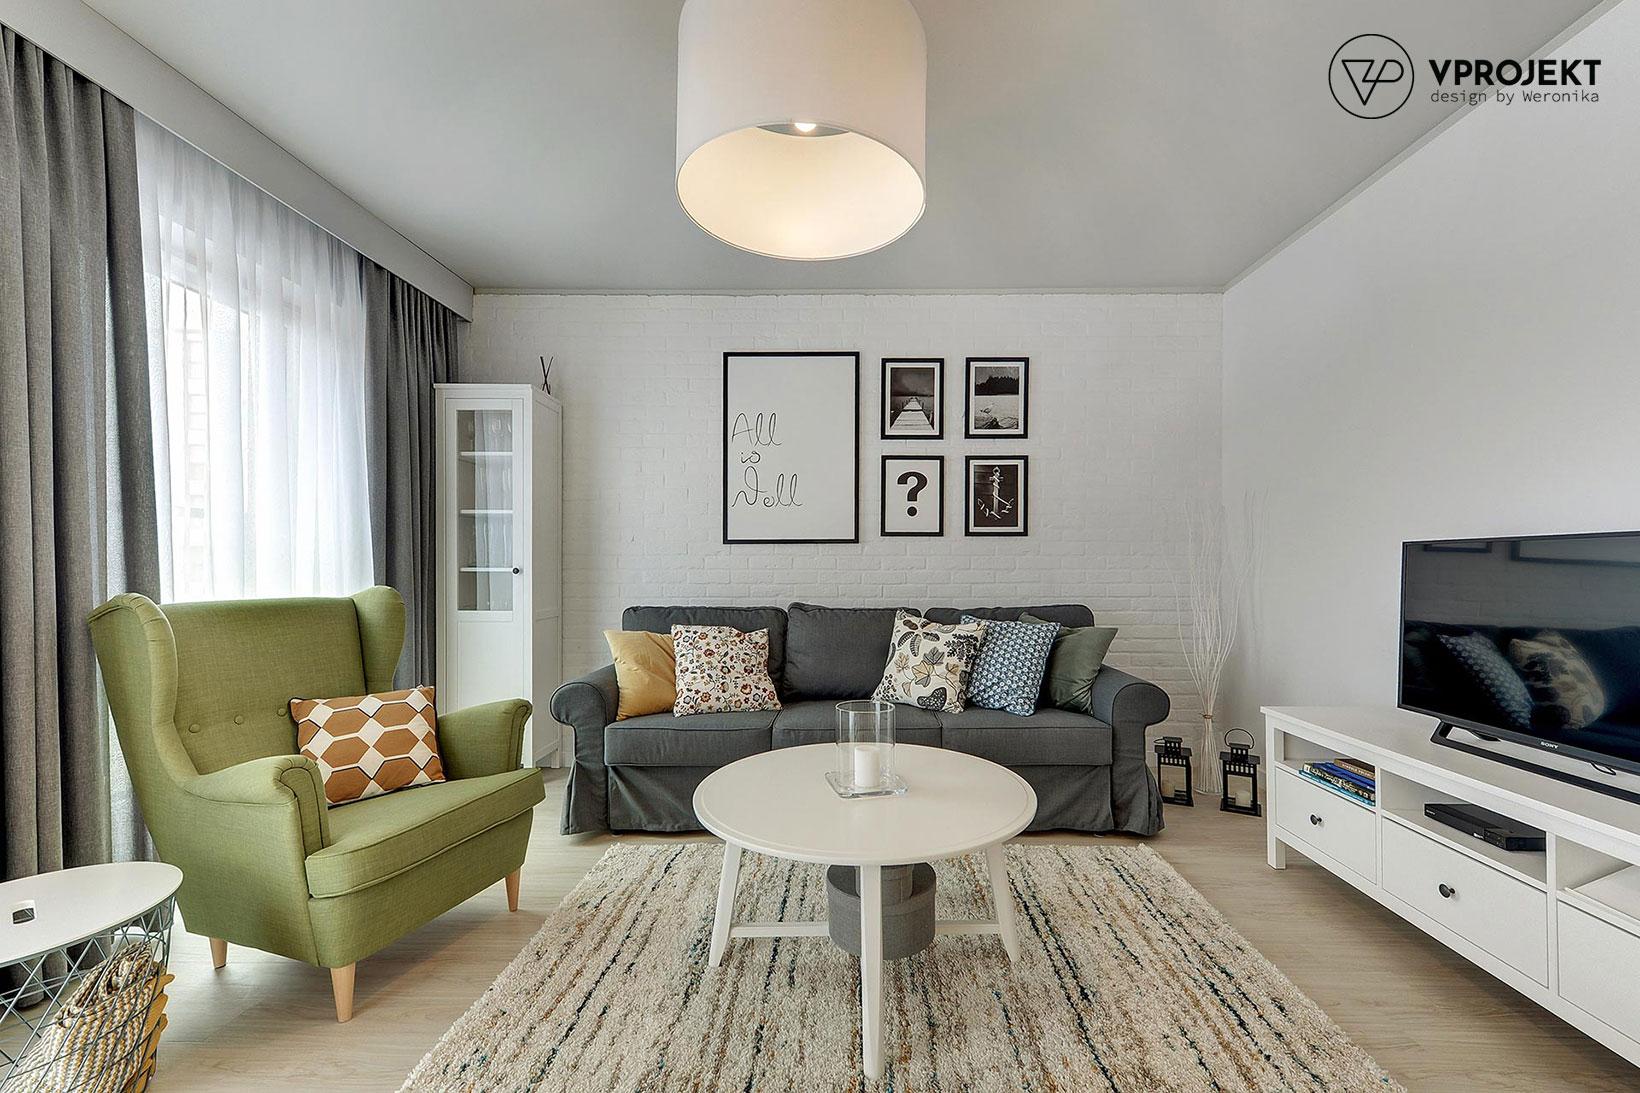 Pokój dzienny, mieszkanie do wynajęcia w Gdańsku